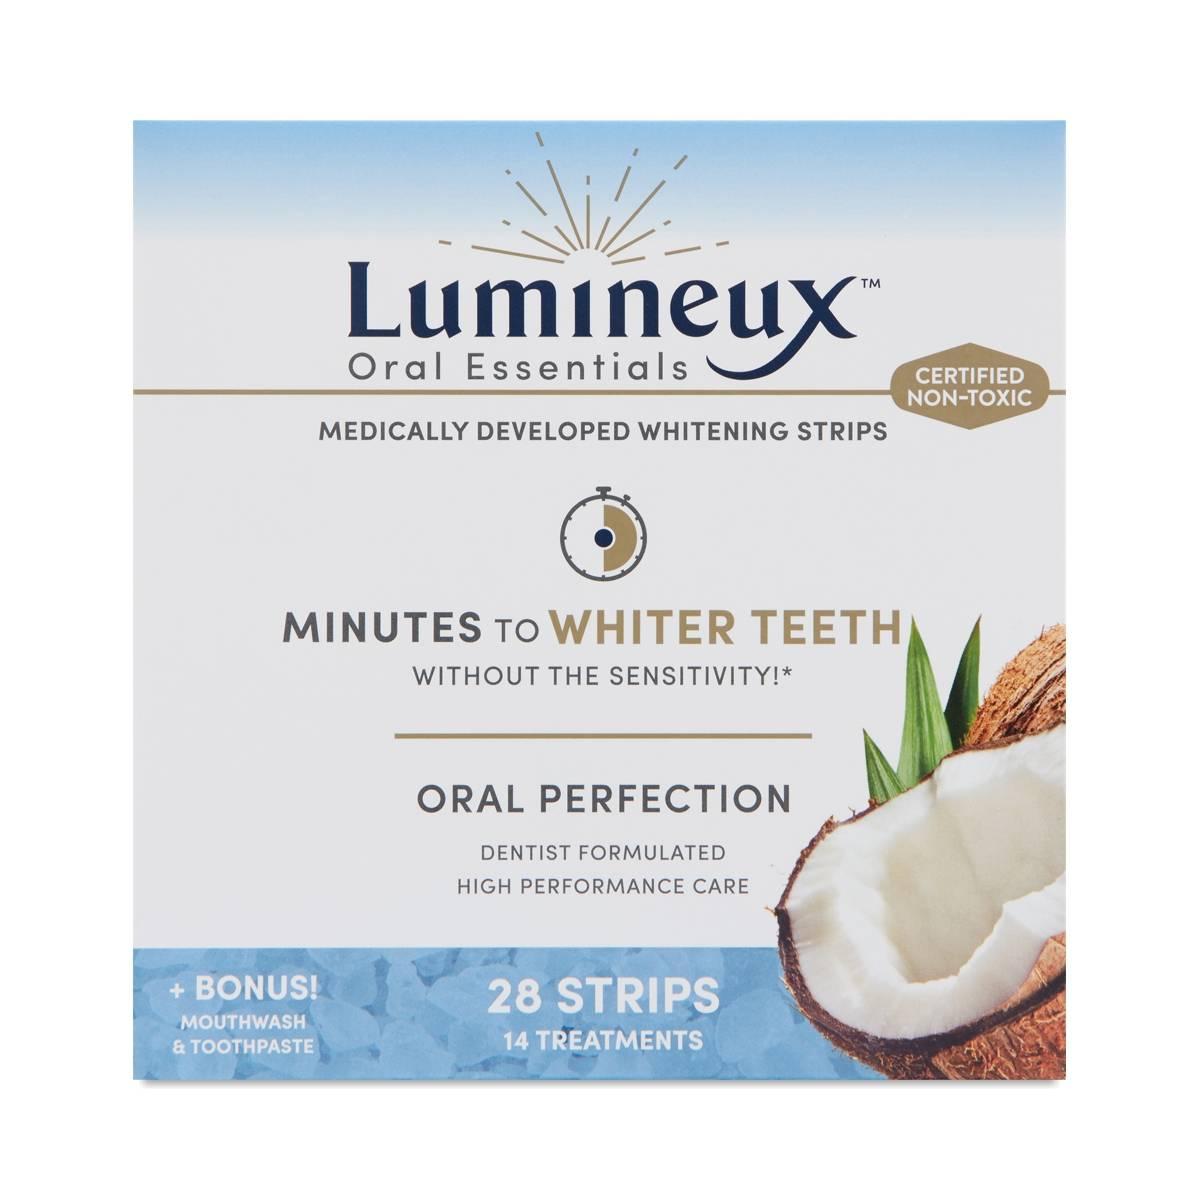 Oral Essentials Lumineux Whitening Kit Thrive Market